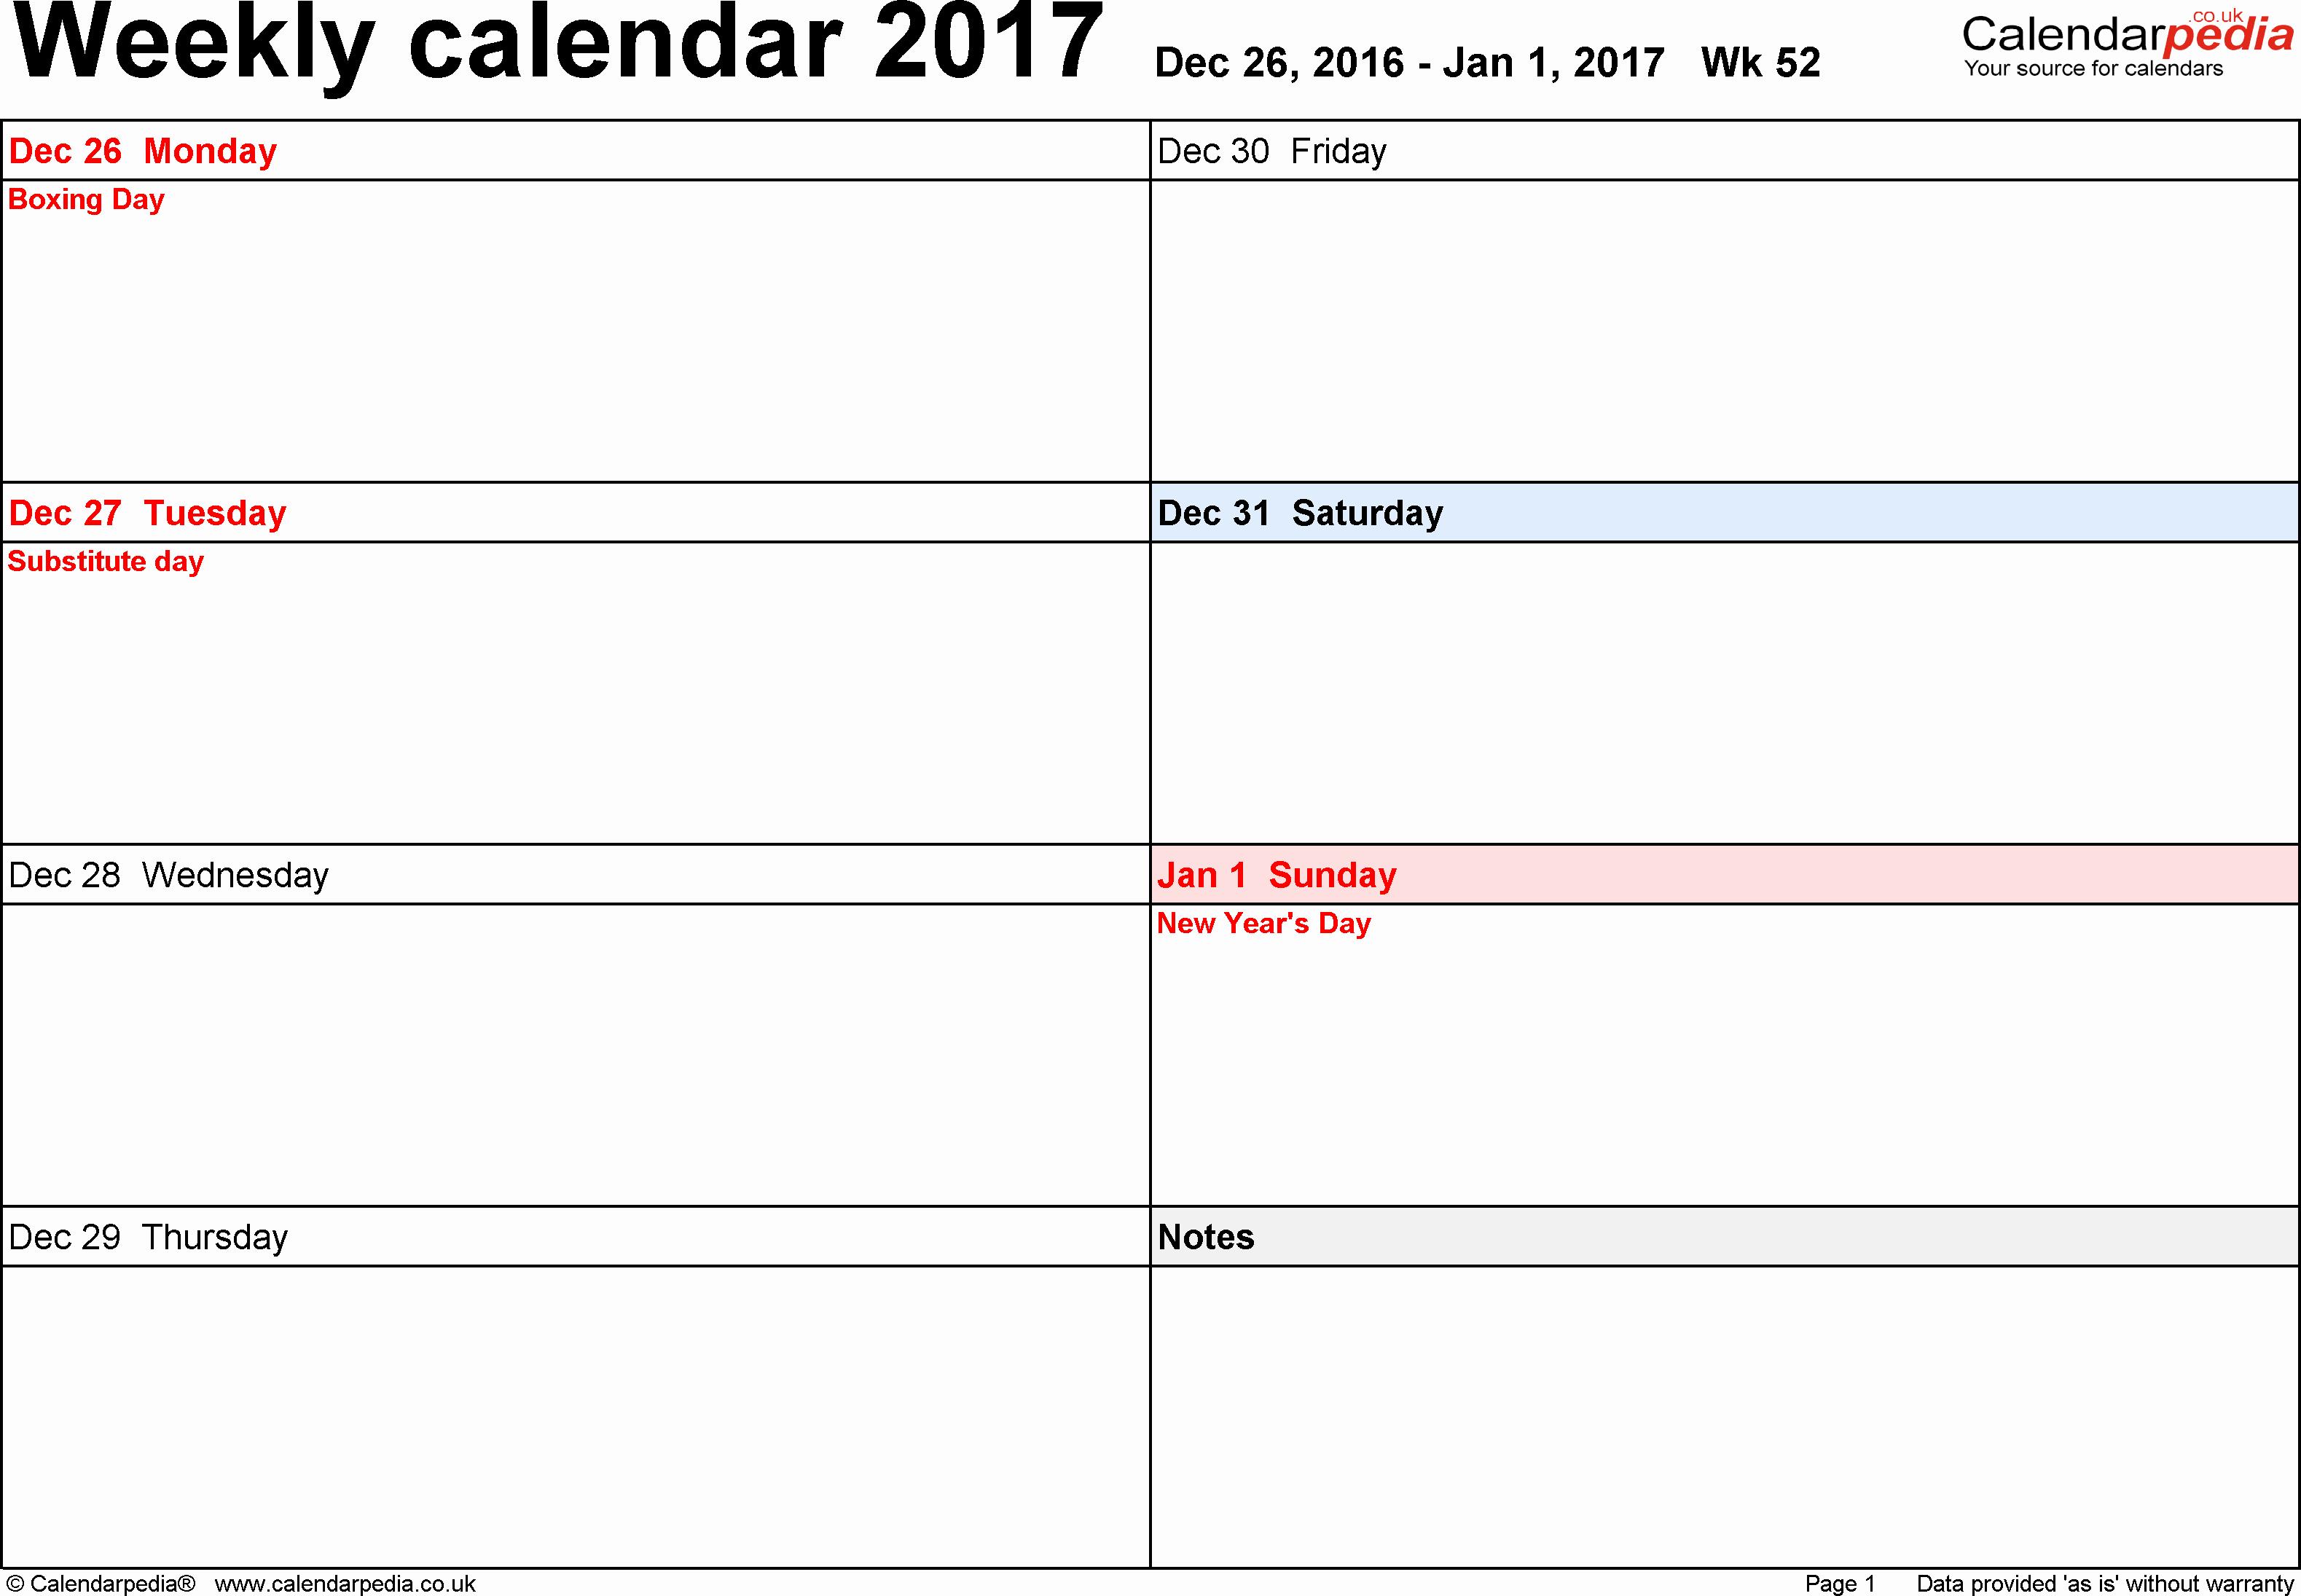 Free Printable Weekly Calendars 2017 New Weekly Calendar 2017